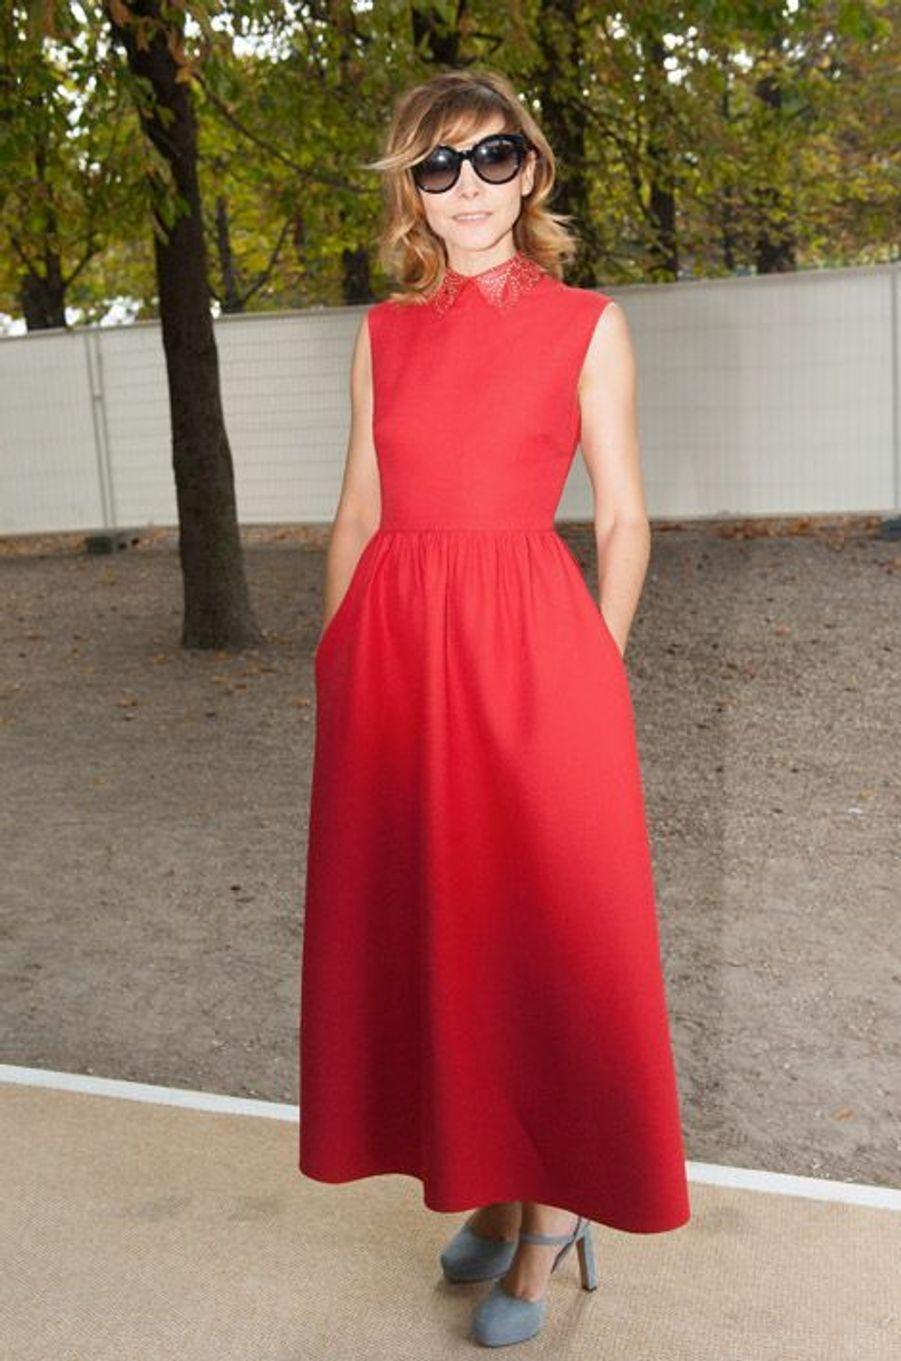 L'actrice franaçaise Clotilde Courau au défilé Valentino le 30 septembre 2014 à Paris